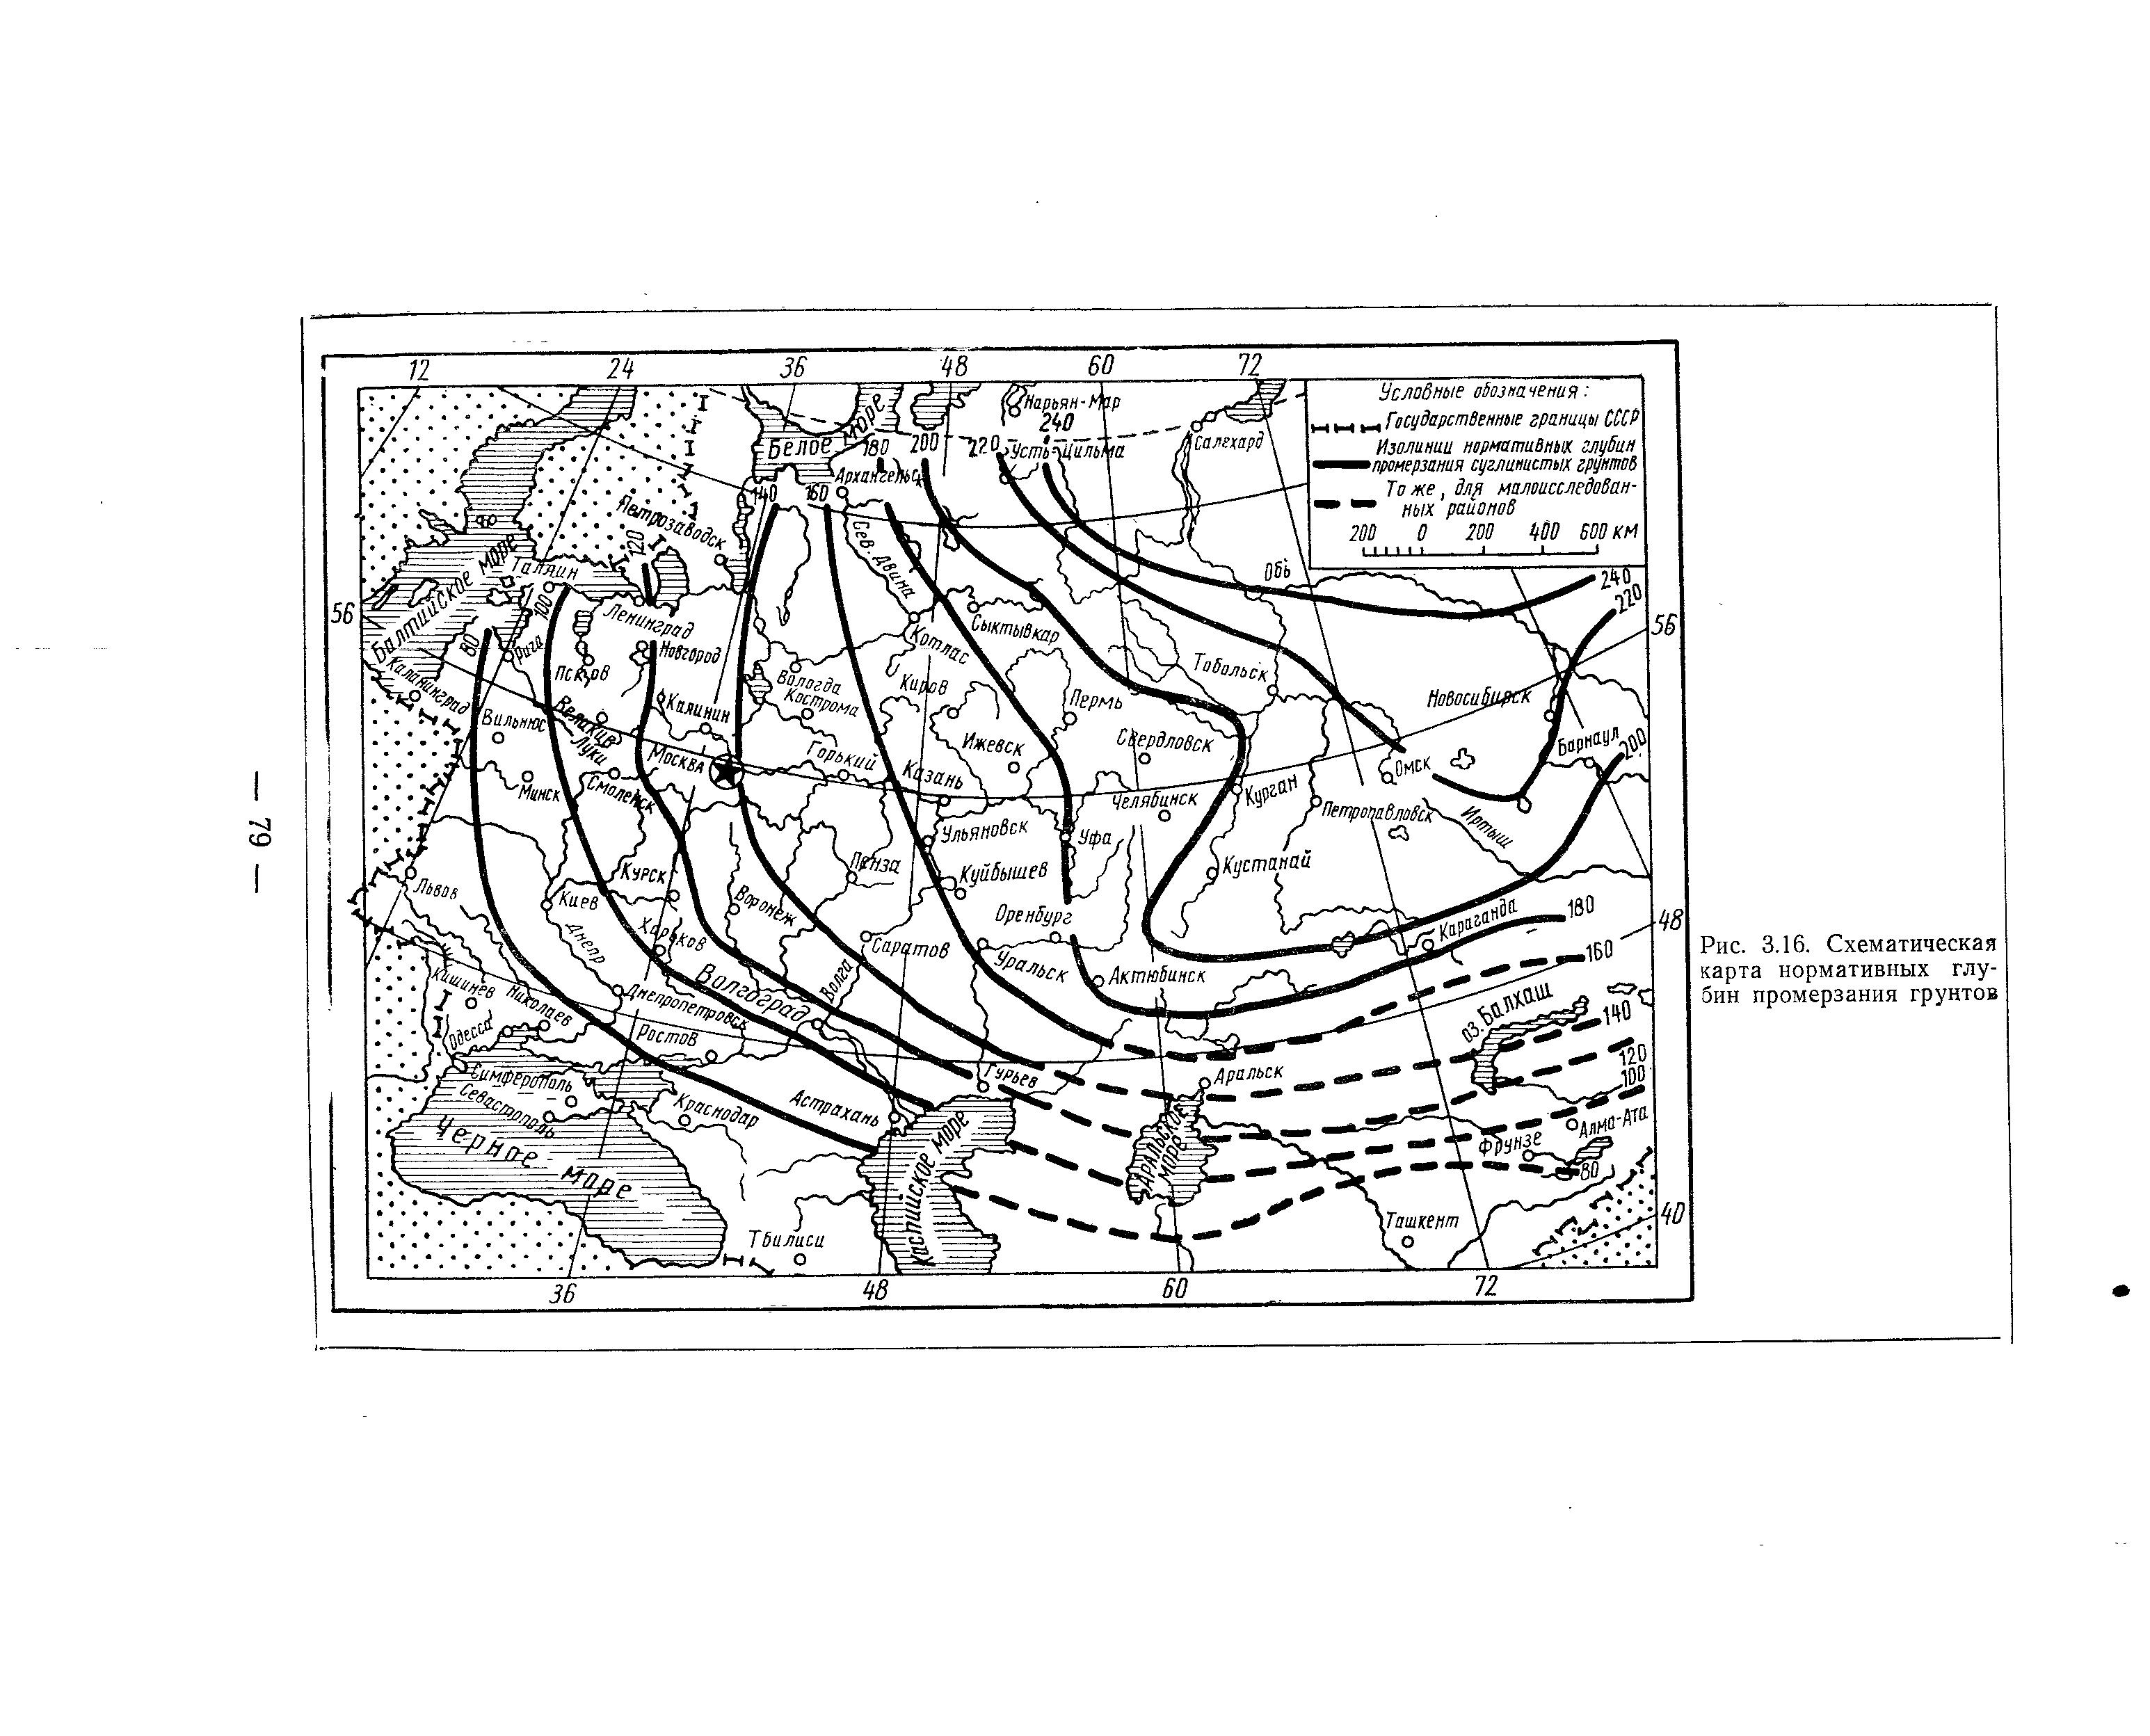 Глубина промерзания грунта 1